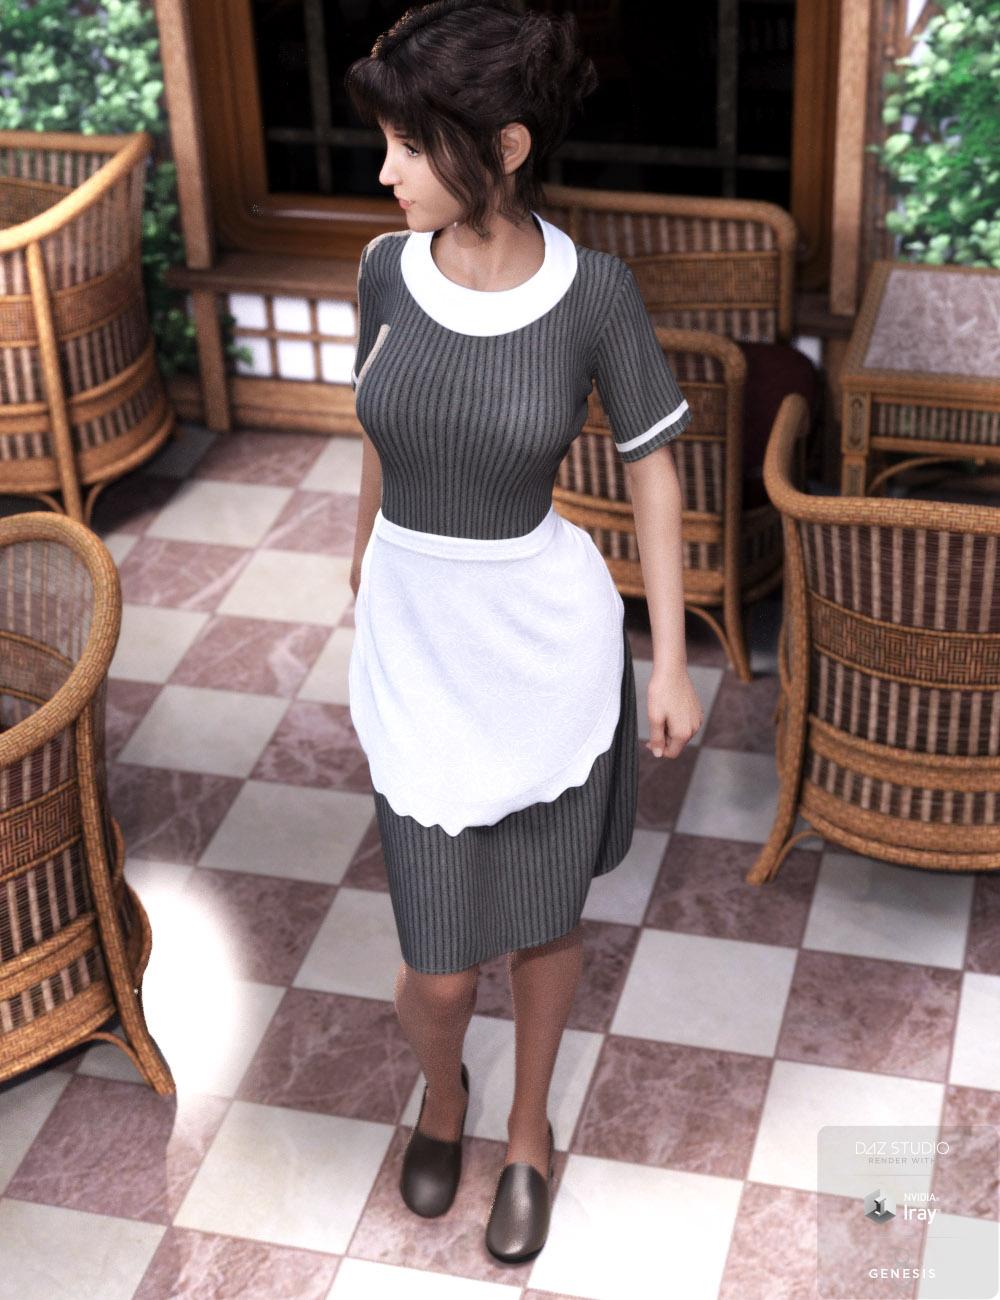 dForce Retro Waitress Uniform for Genesis 8 Female(s) by: tentman, 3D Models by Daz 3D